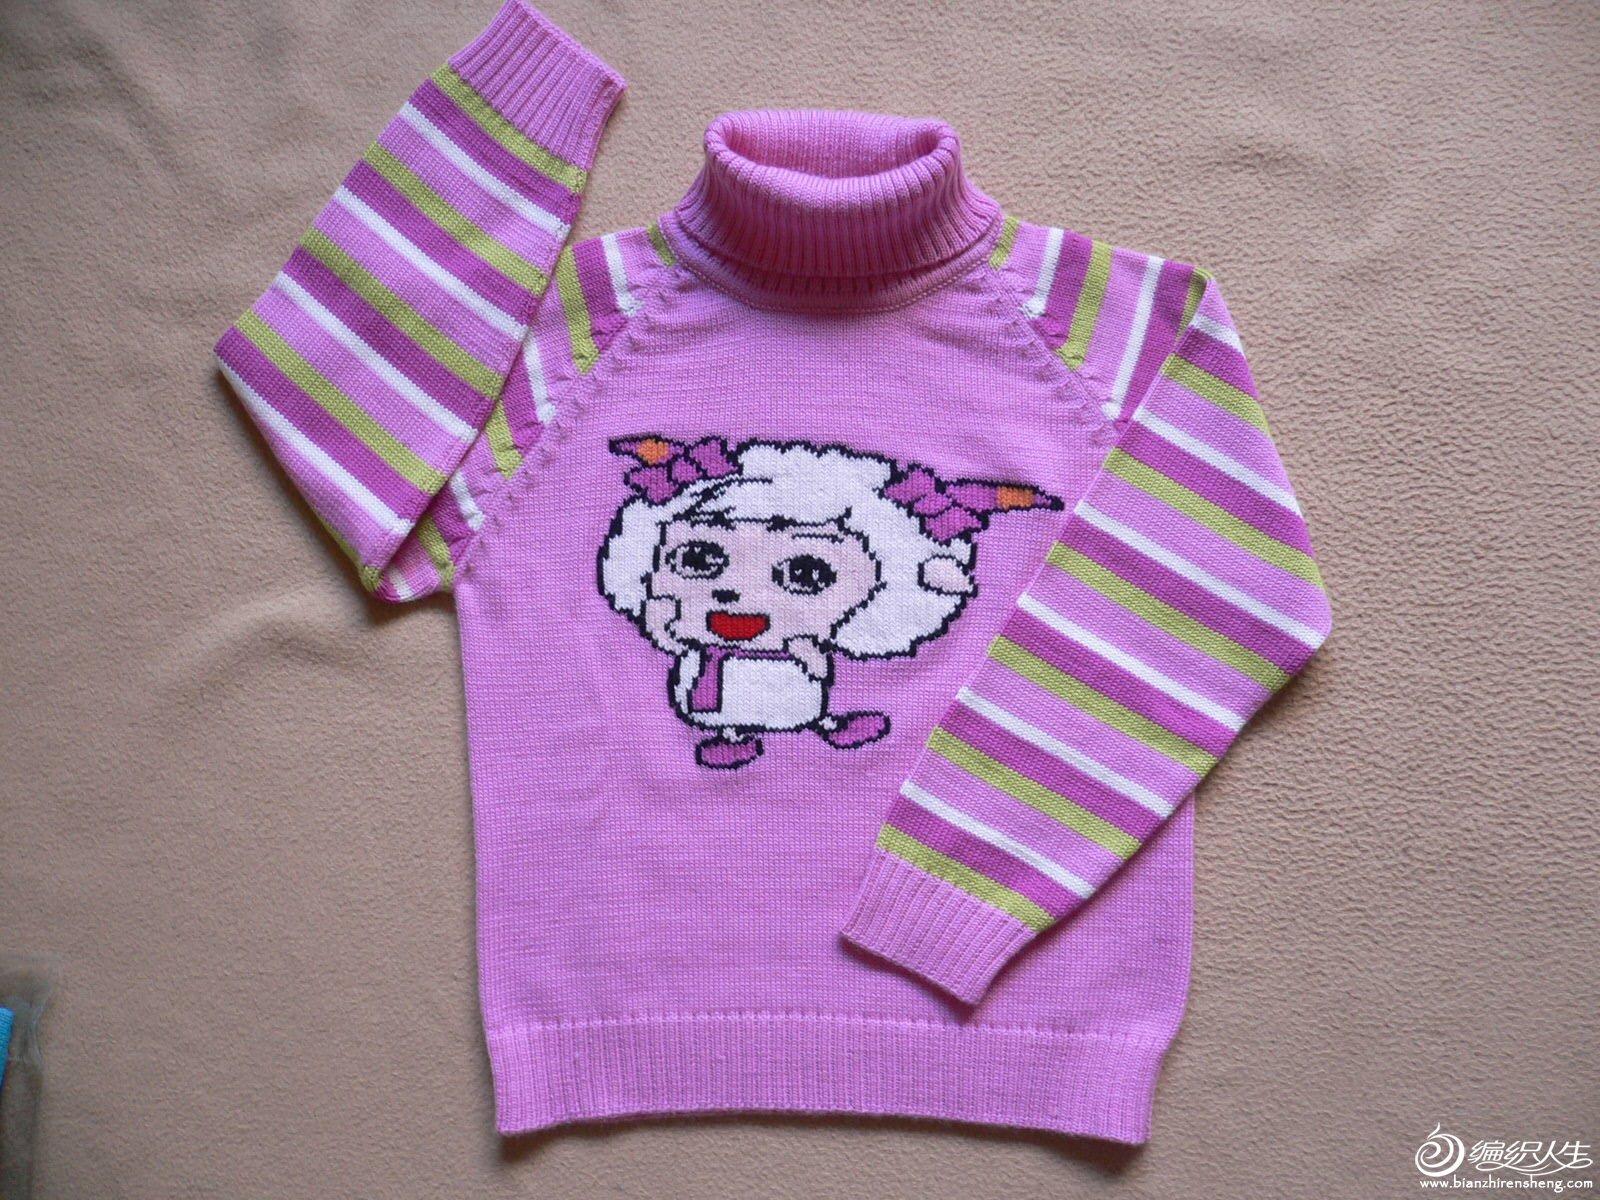 粉色 衣长47 袖长50 胸围38*2